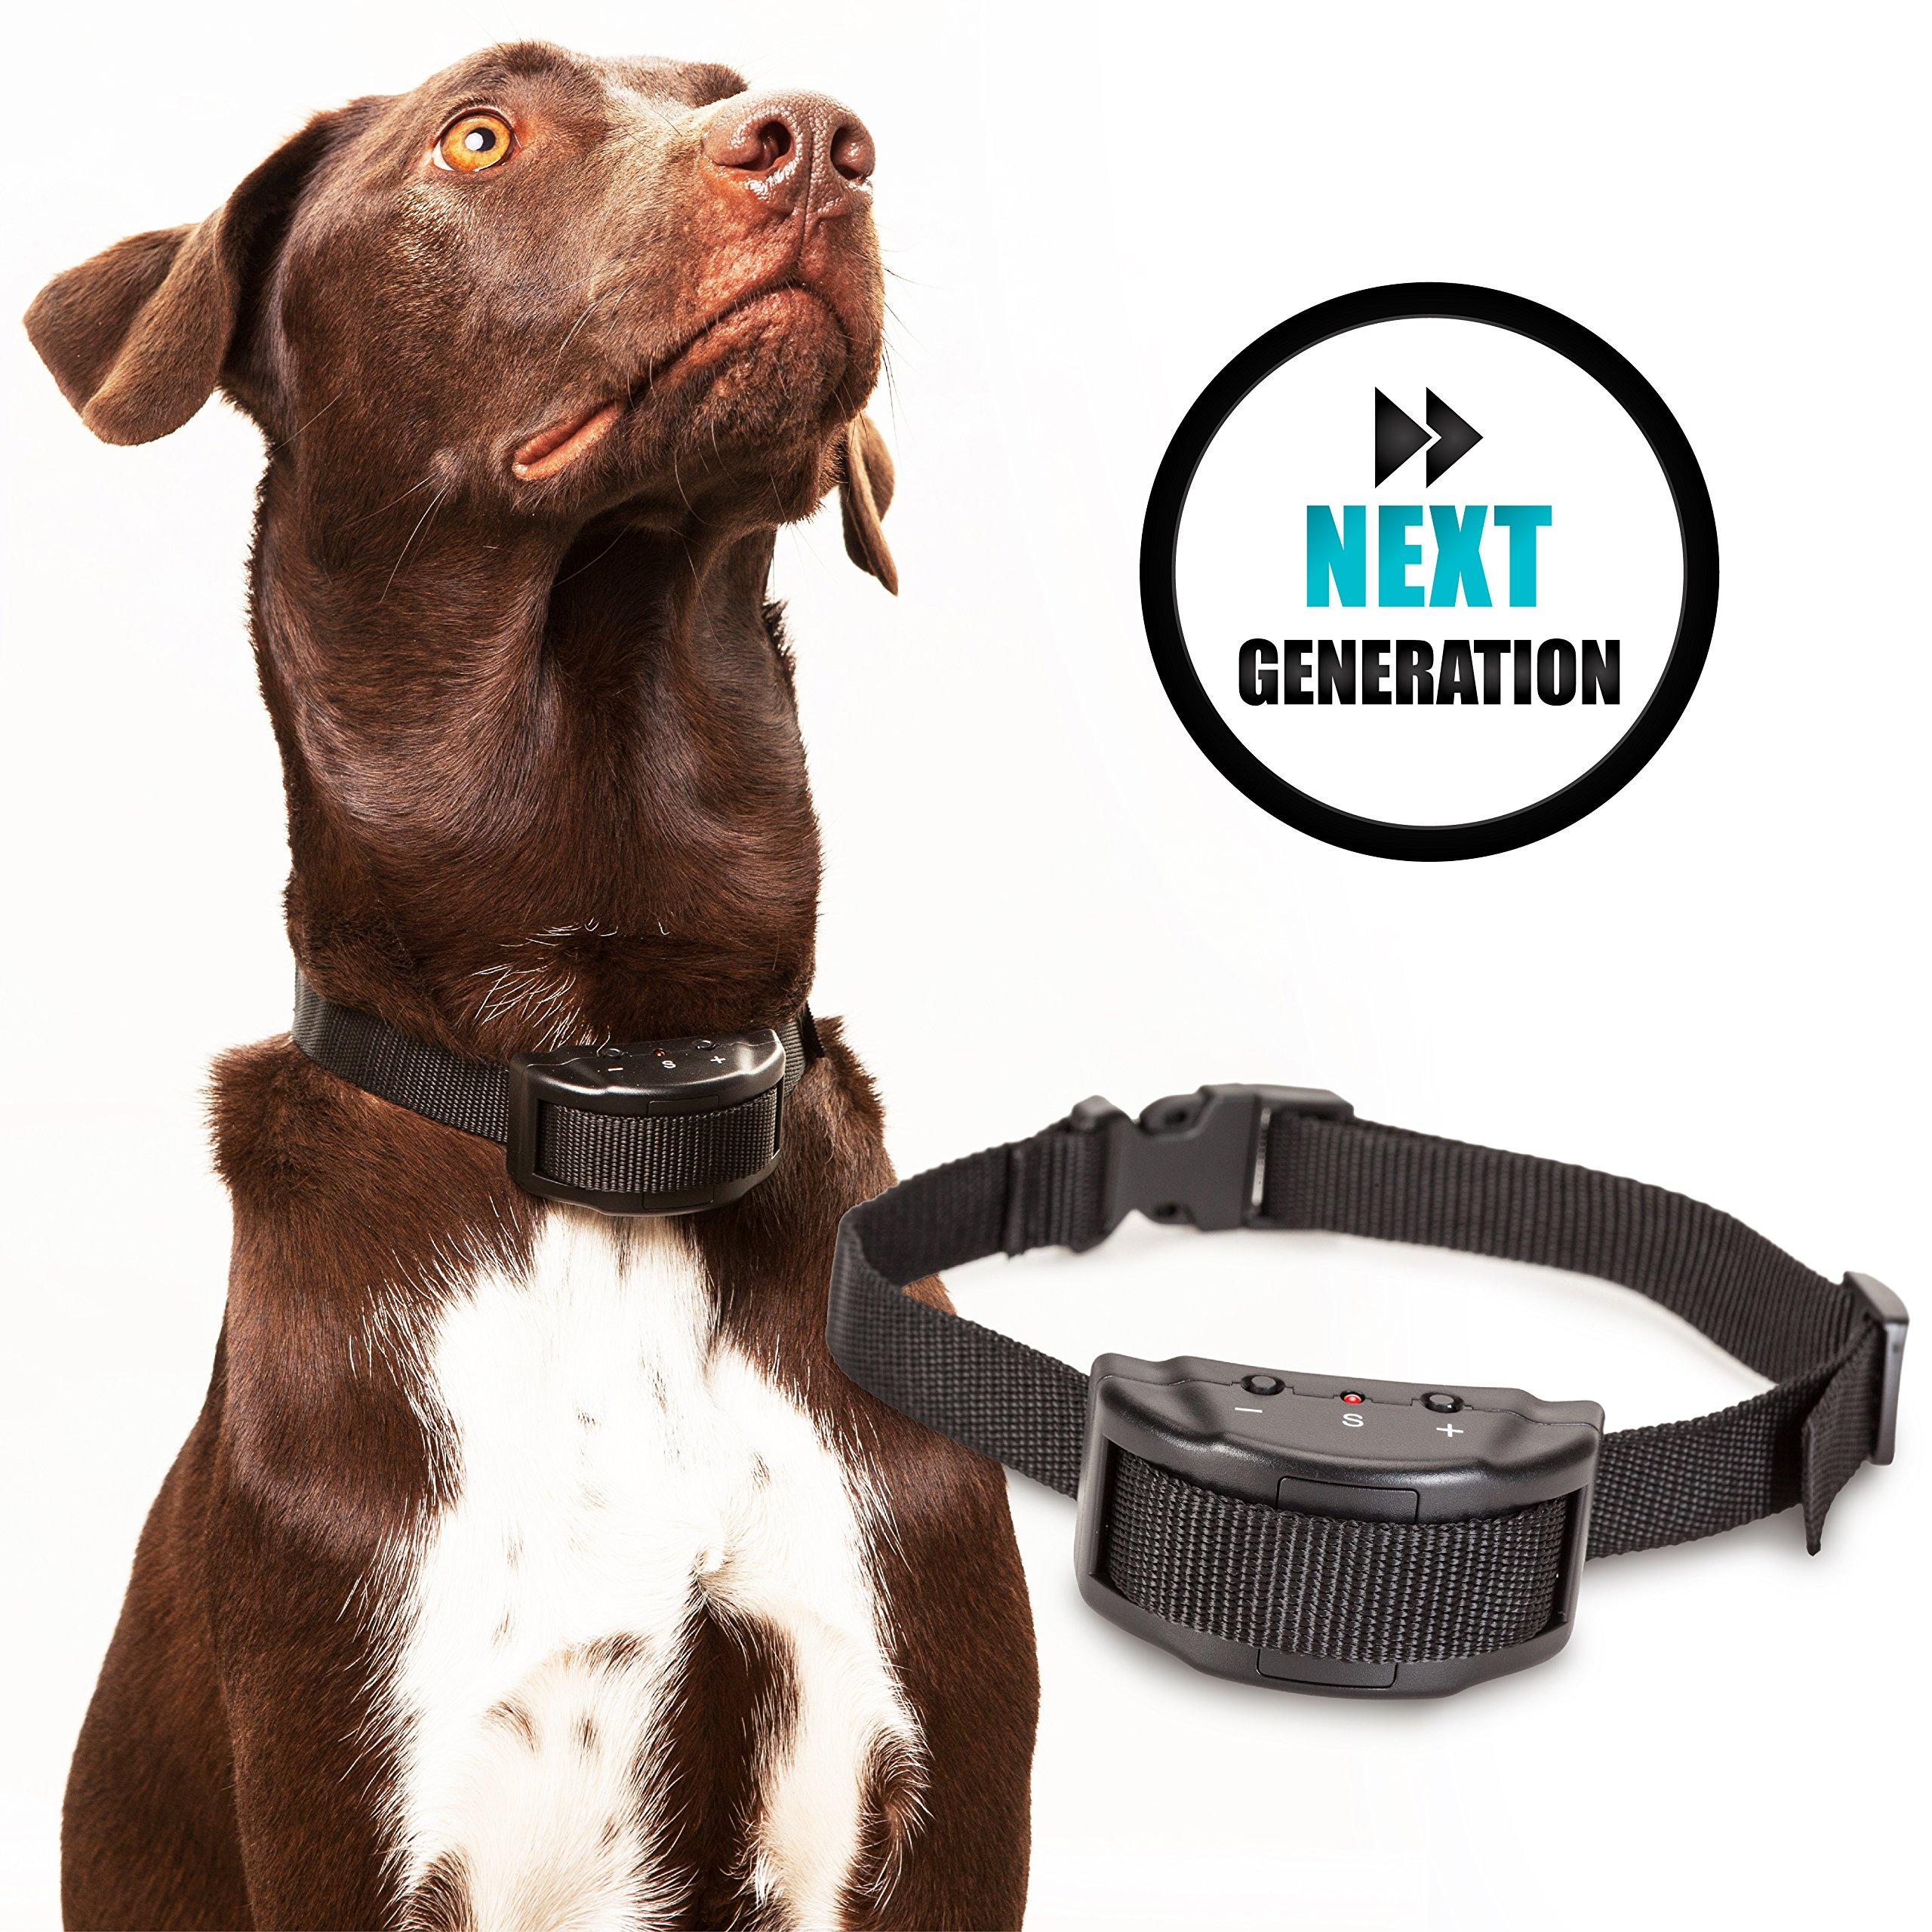 Makony Next Generation No Bark Collar Dog Training System Anti Bark Collar Co